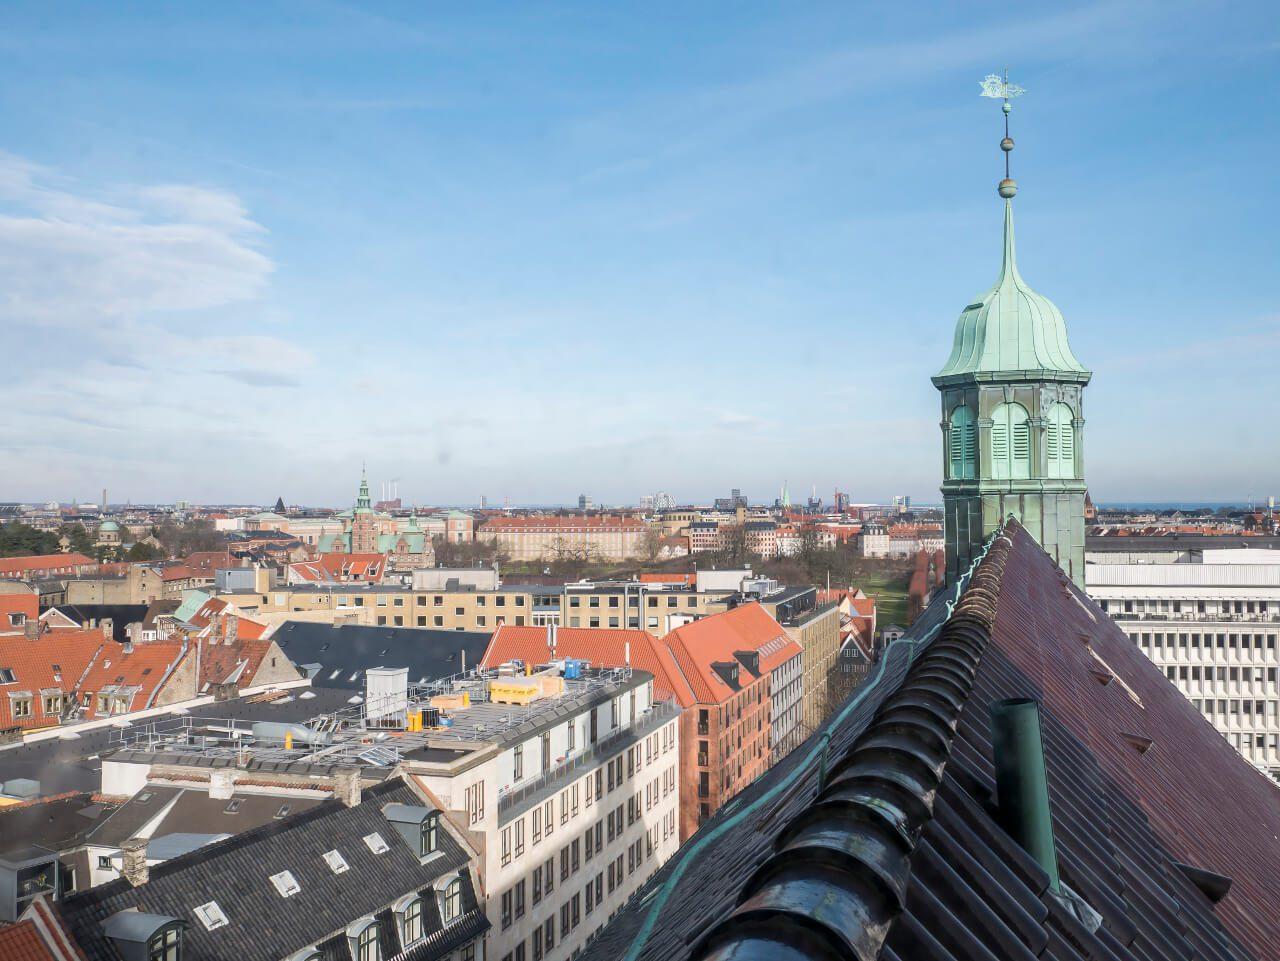 Widok z punktu widokowego na Kopenhagę